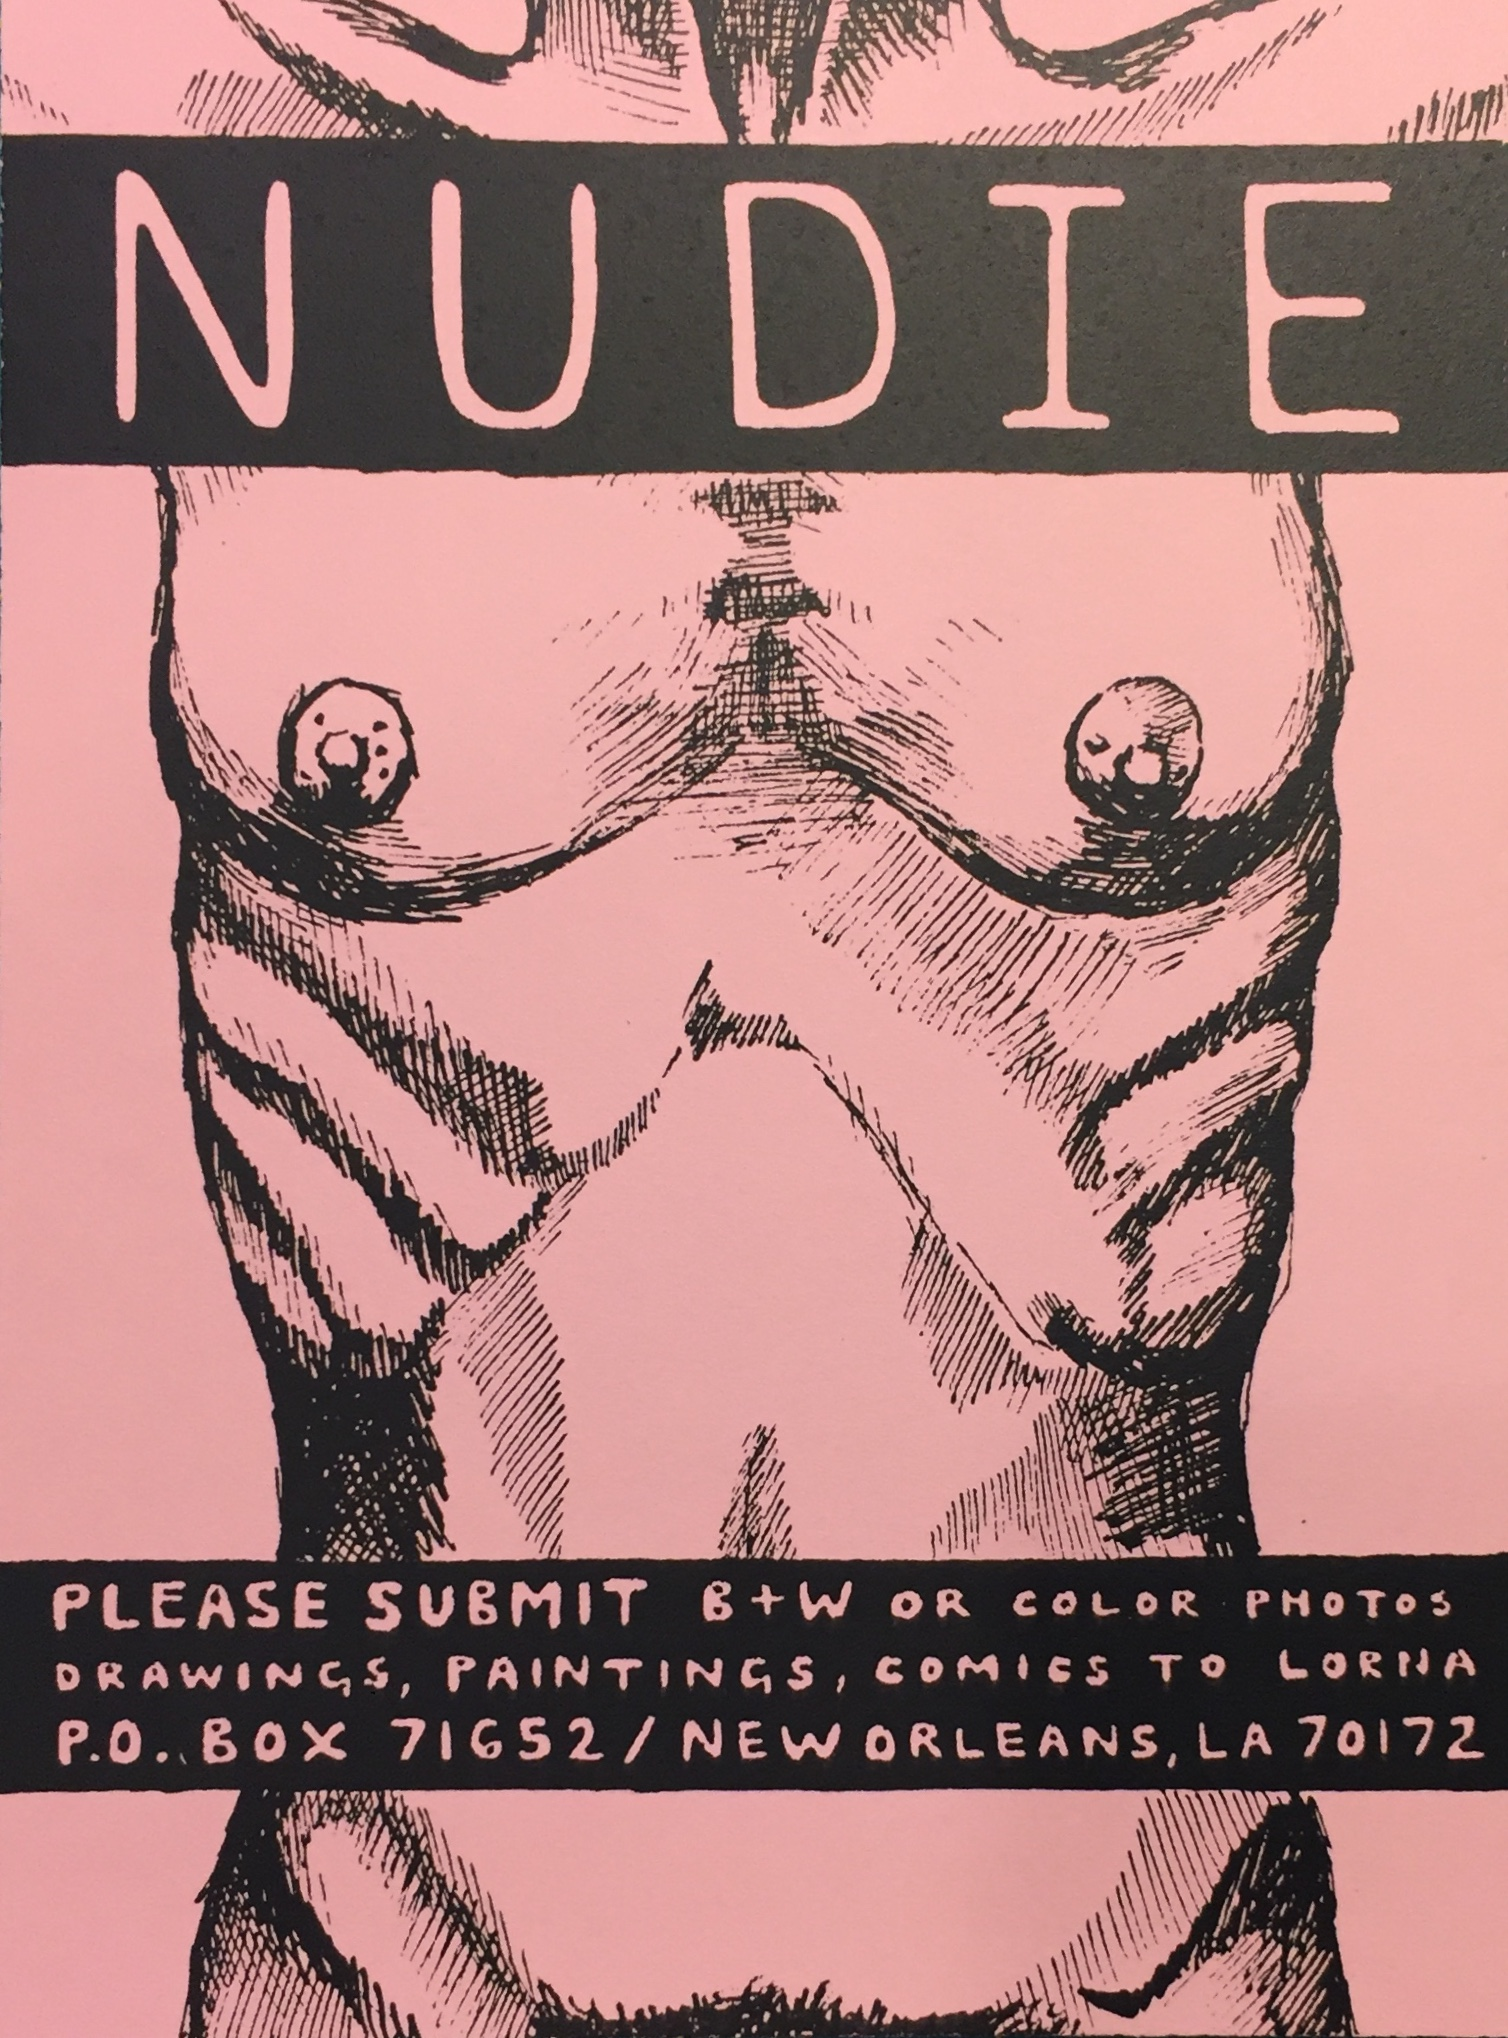 Nudie flyer